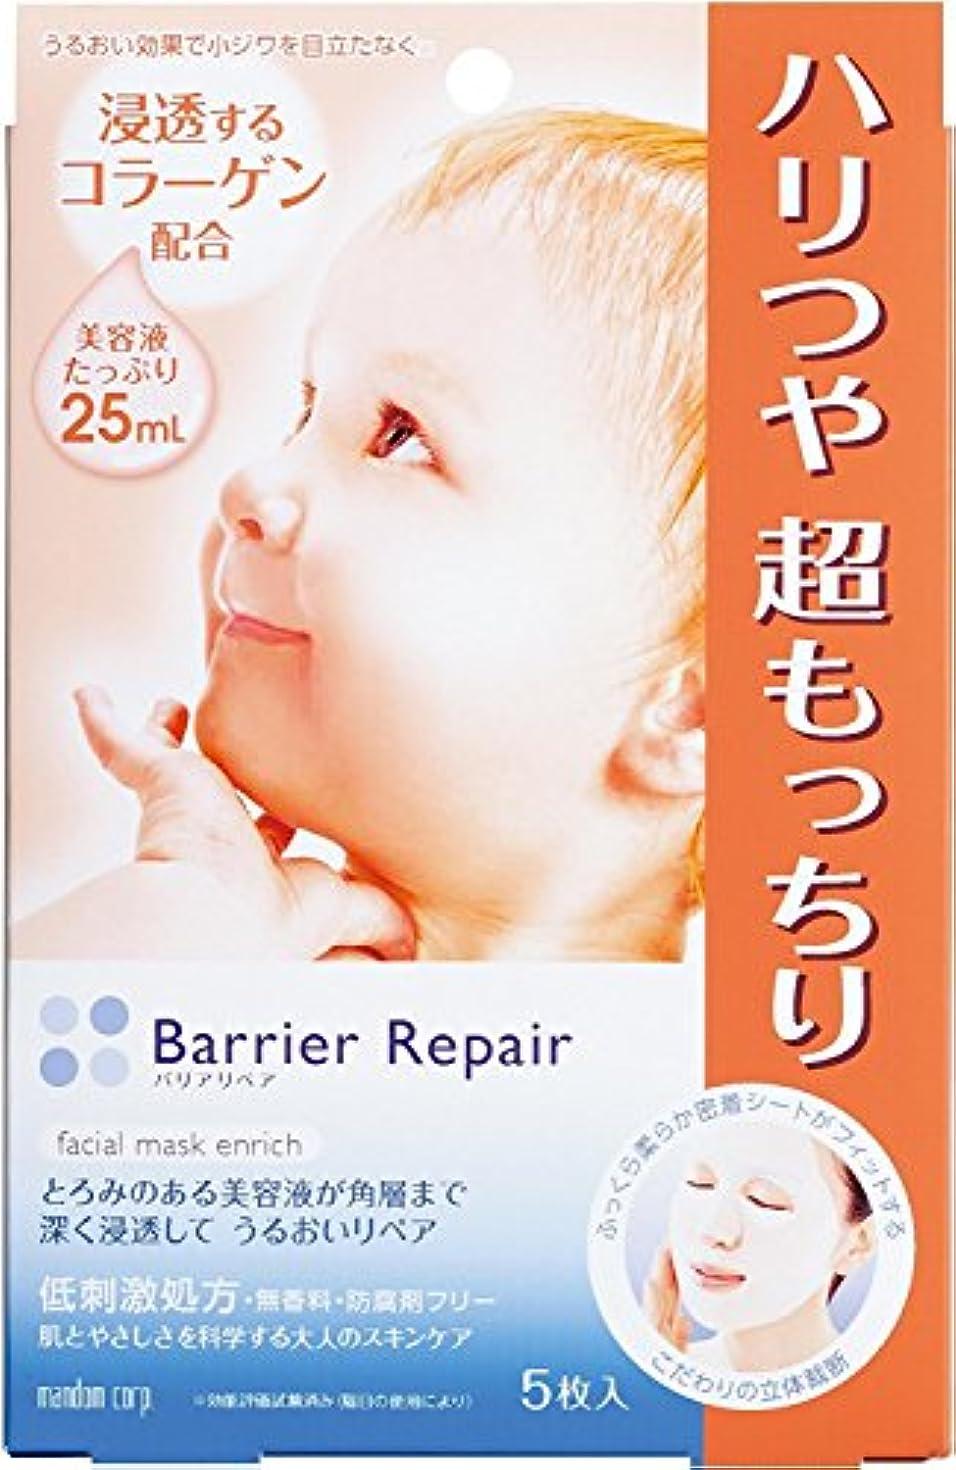 効果的に密輸属性Barrier Repair (バリアリペア) シートマスク (コラーゲン) ハリ?つや超もっちりタイプ 5枚